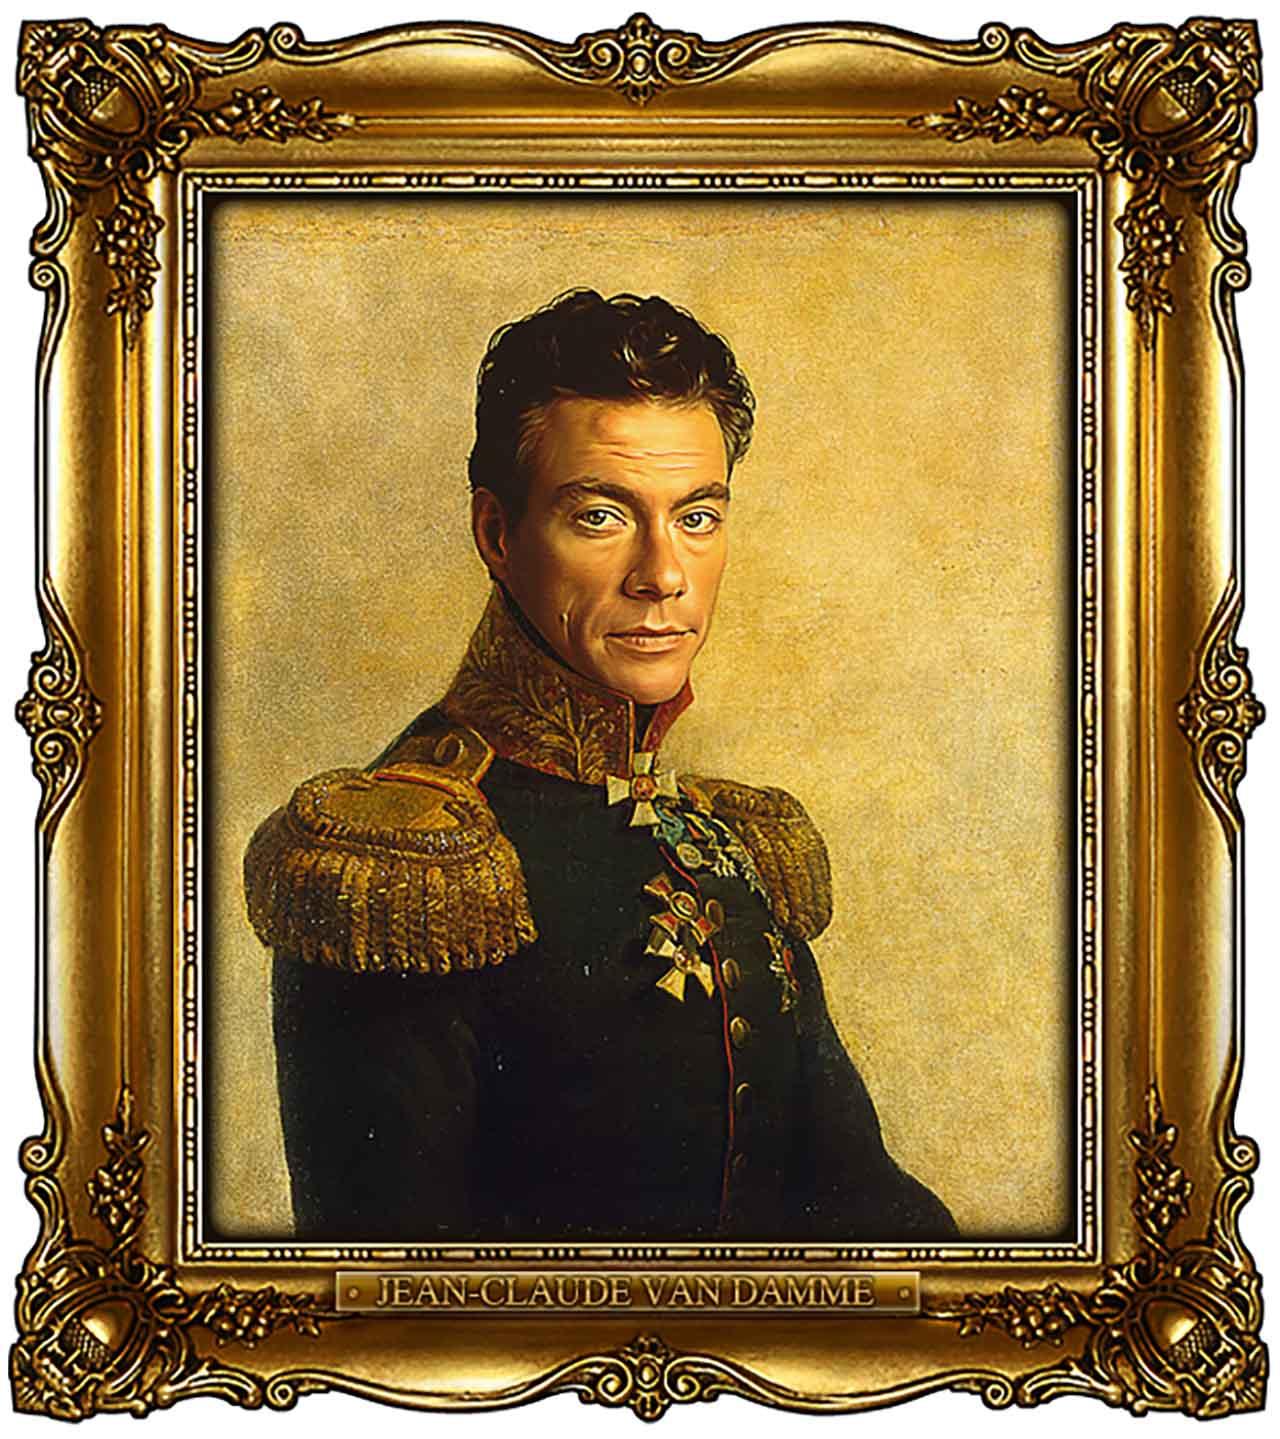 Artist Turns Famous Actors Into Russian Generals - Jean-Claude Van Damme